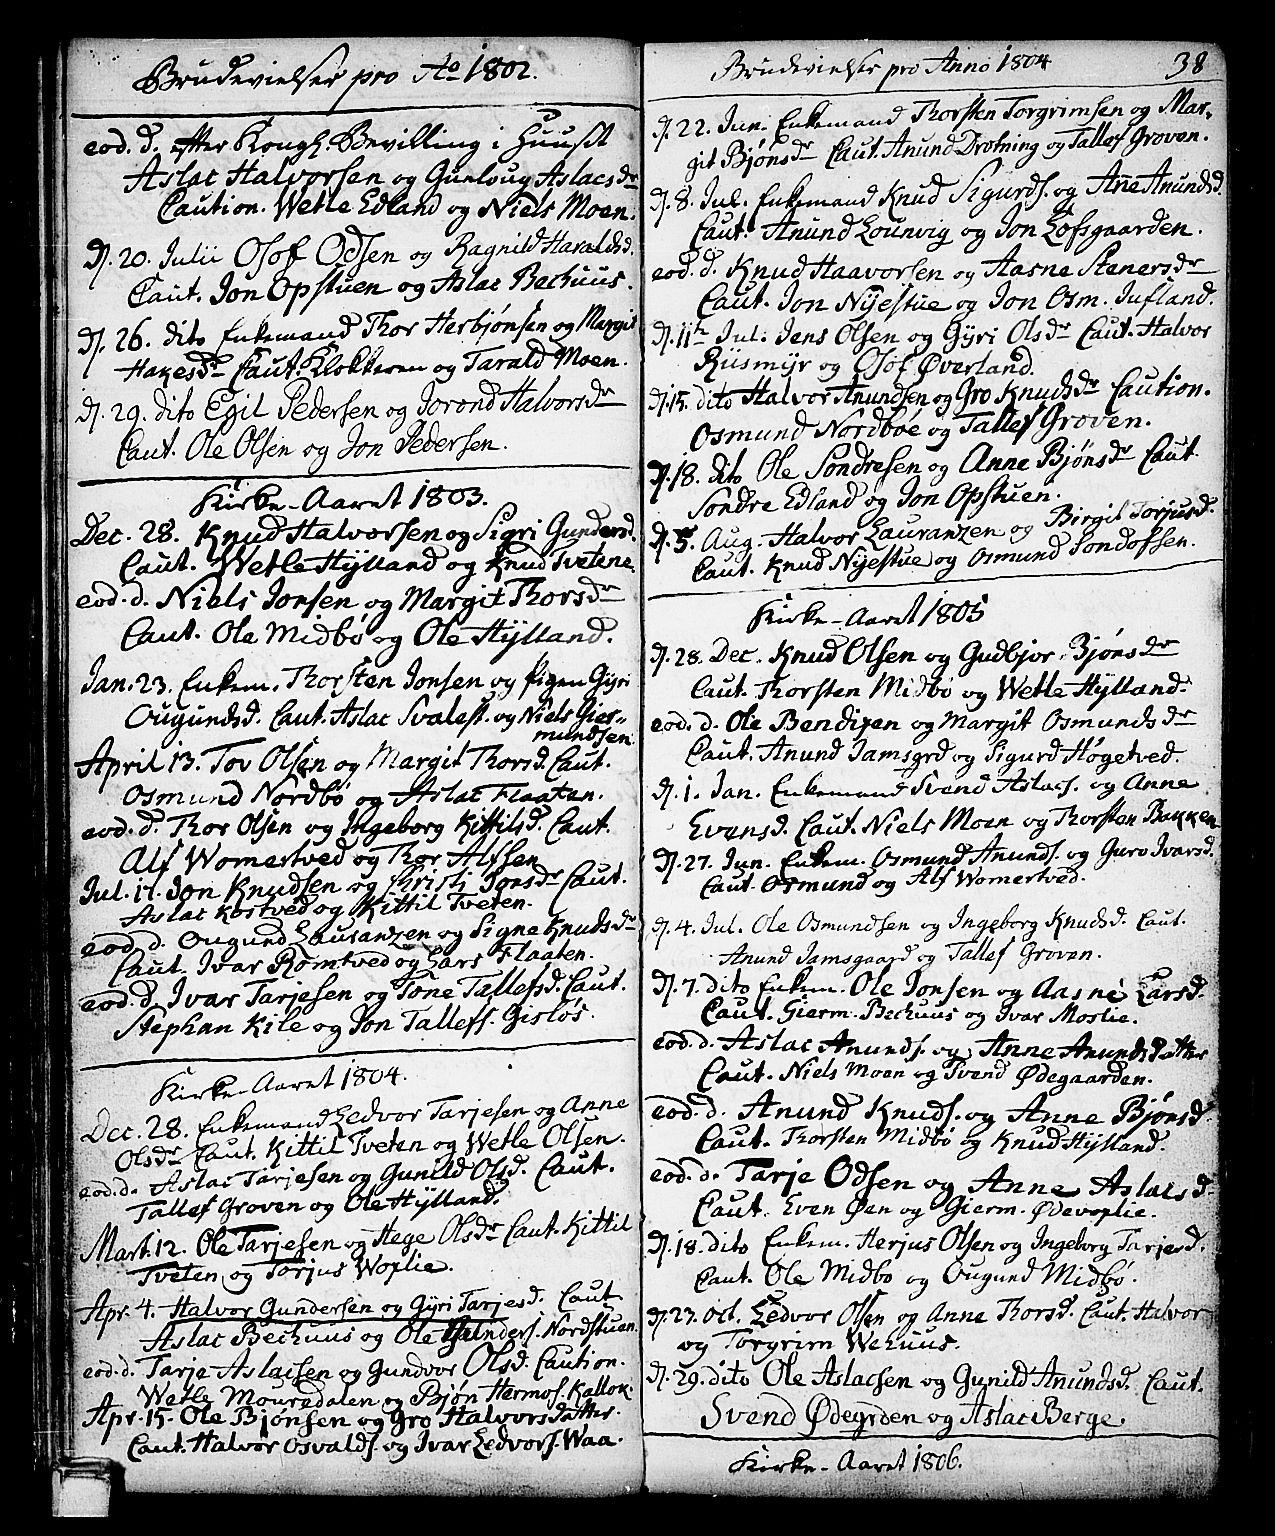 SAKO, Vinje kirkebøker, F/Fa/L0002: Ministerialbok nr. I 2, 1767-1814, s. 38